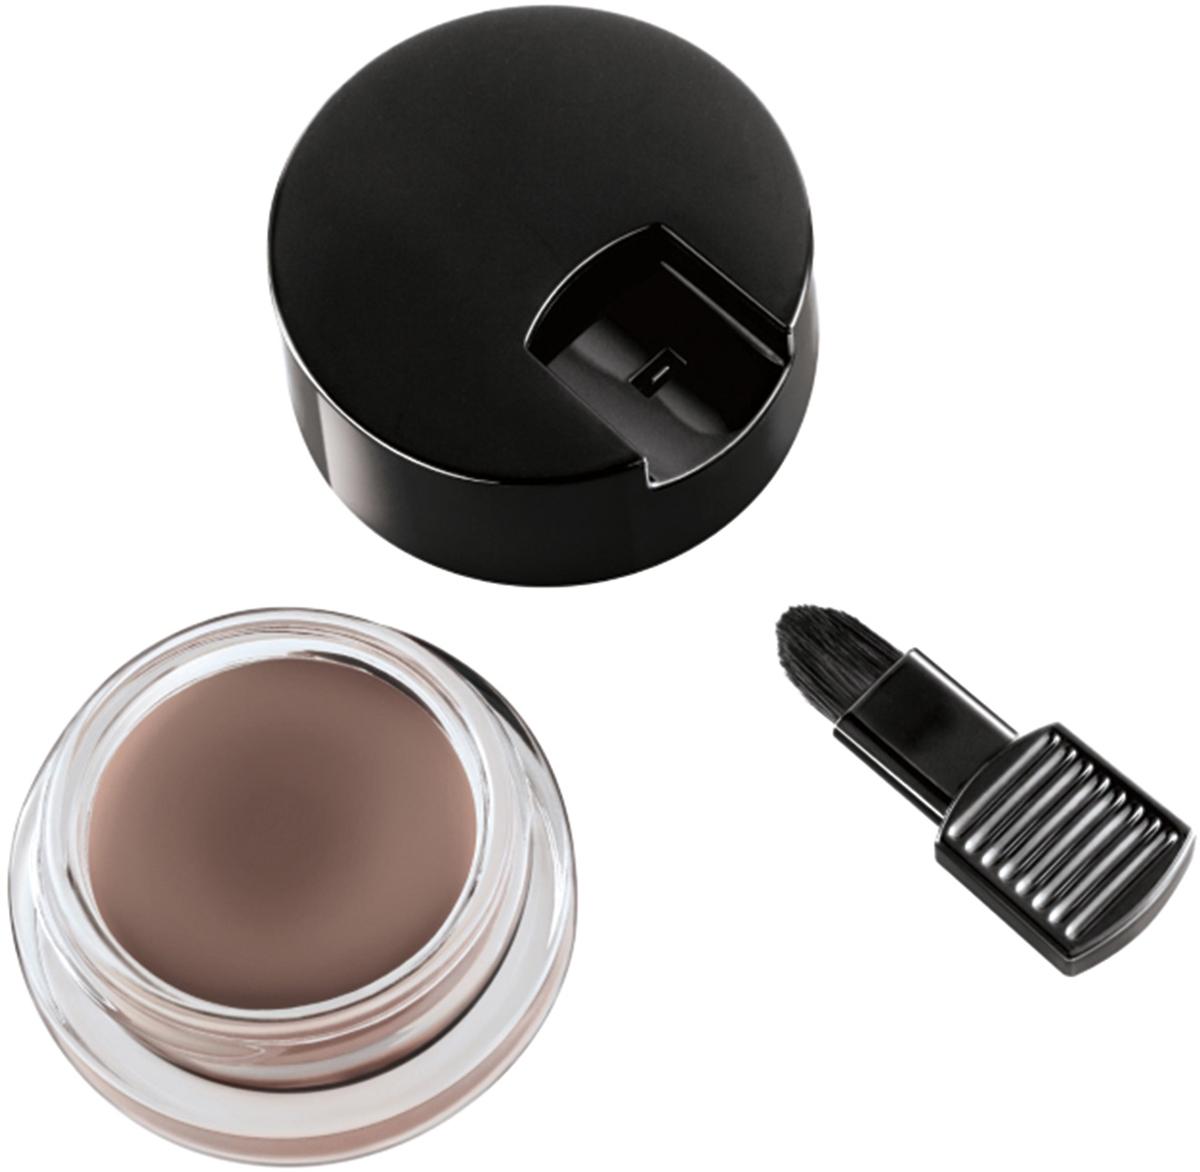 Revlon Тени - Моно Colorstay с кремовым эффектом, тон №715, 5 г7221761007Новинка от REVLON! Кремовые тени для глаз. Палитра из 8 шикарных оттенков помогут создать как дневной так и вечерний макияж. Матовый эффект или сияющий блеск -выбери лучшее.